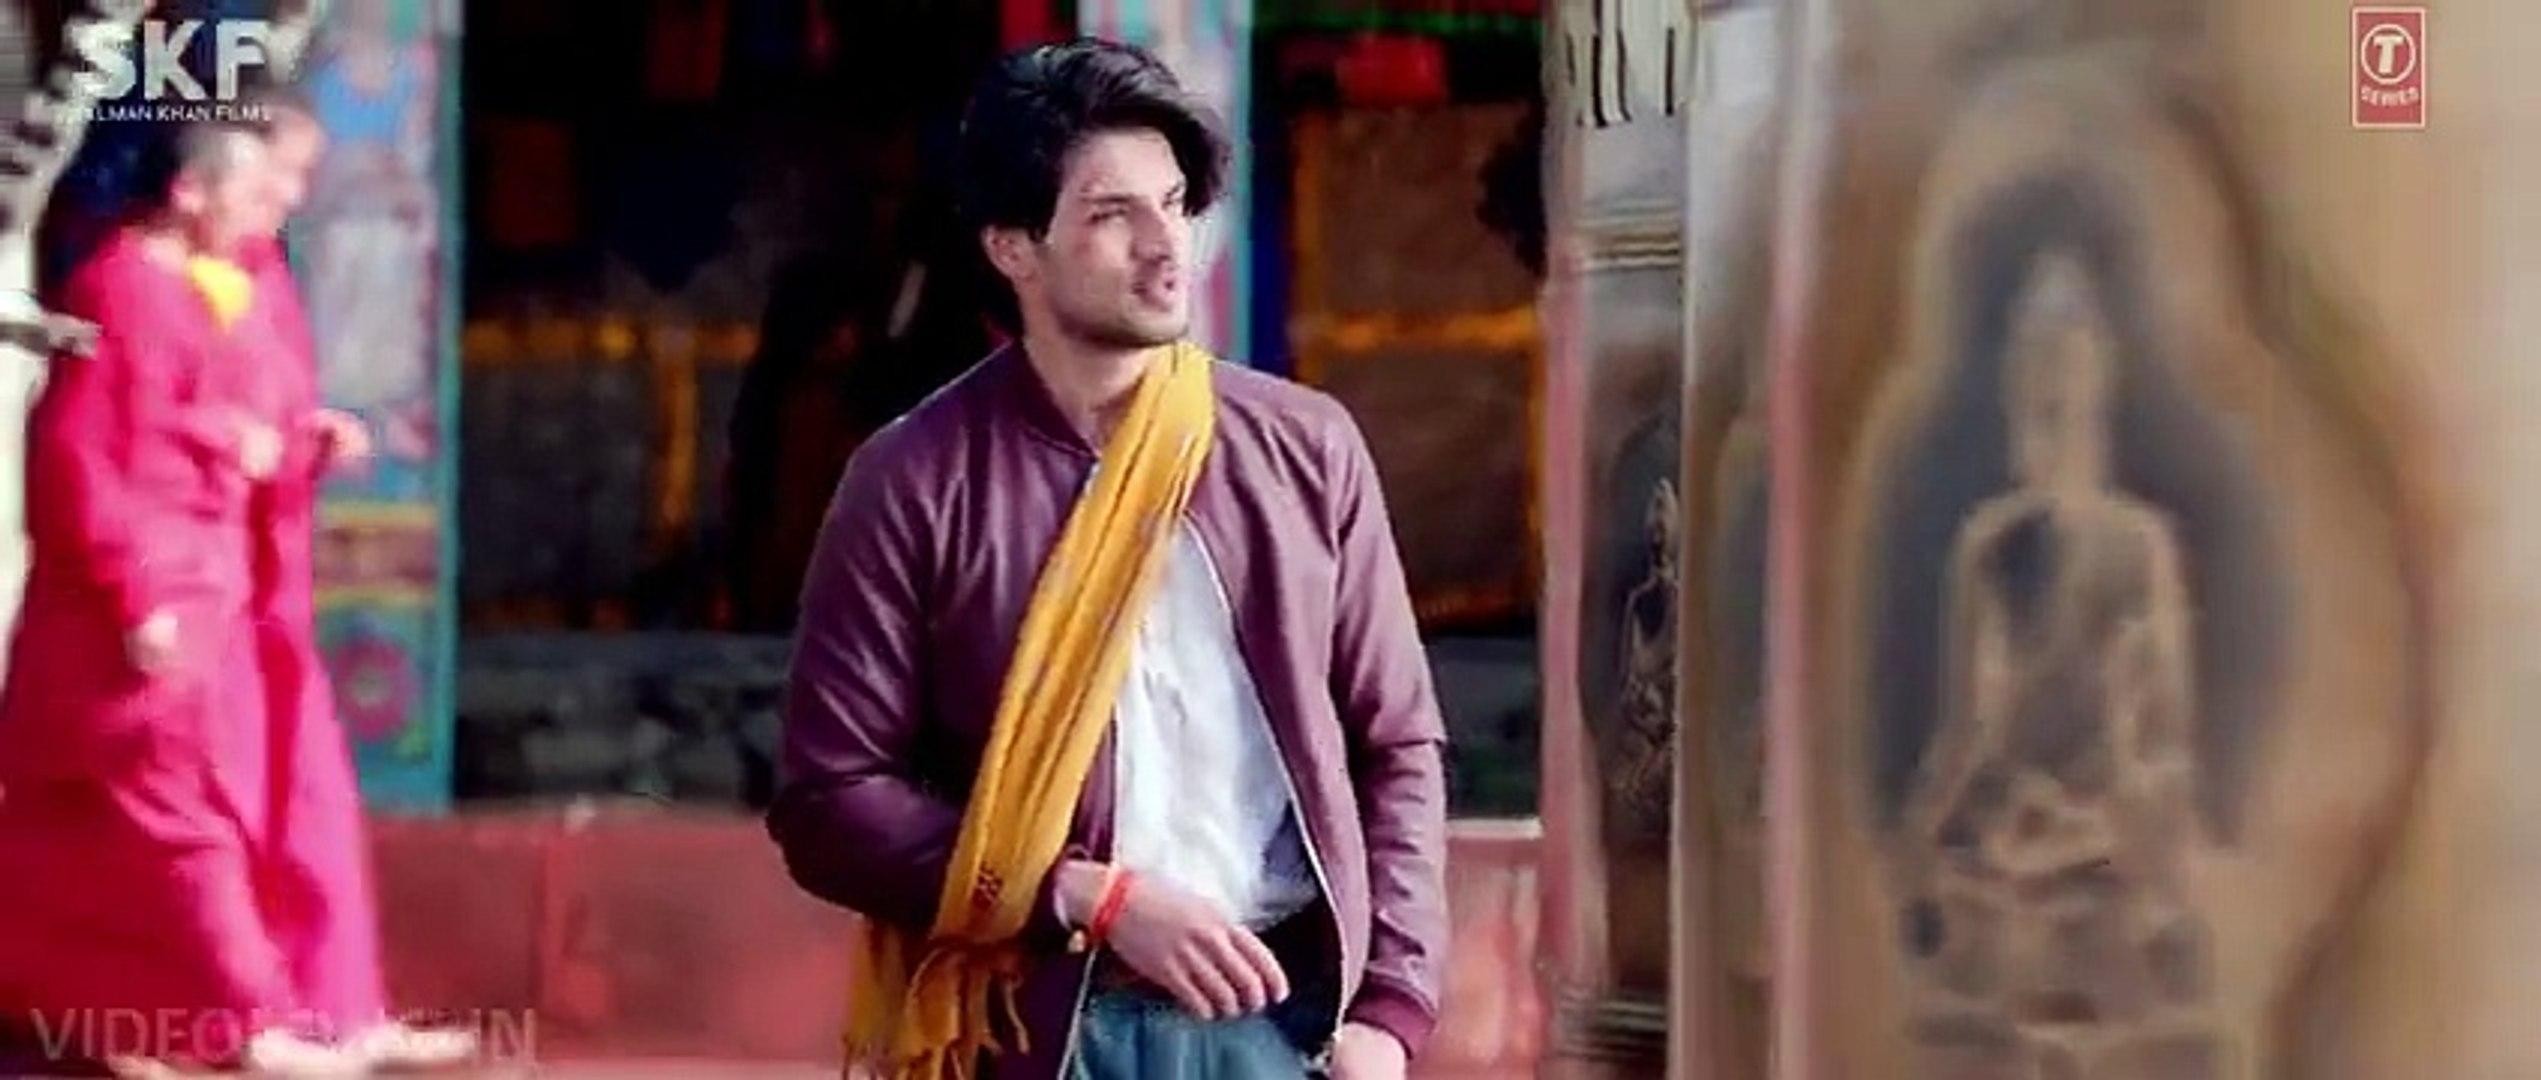 Khoya Khoya - Hero Movie Songs - Bollywood movie songs - Latest bollywood movie songs